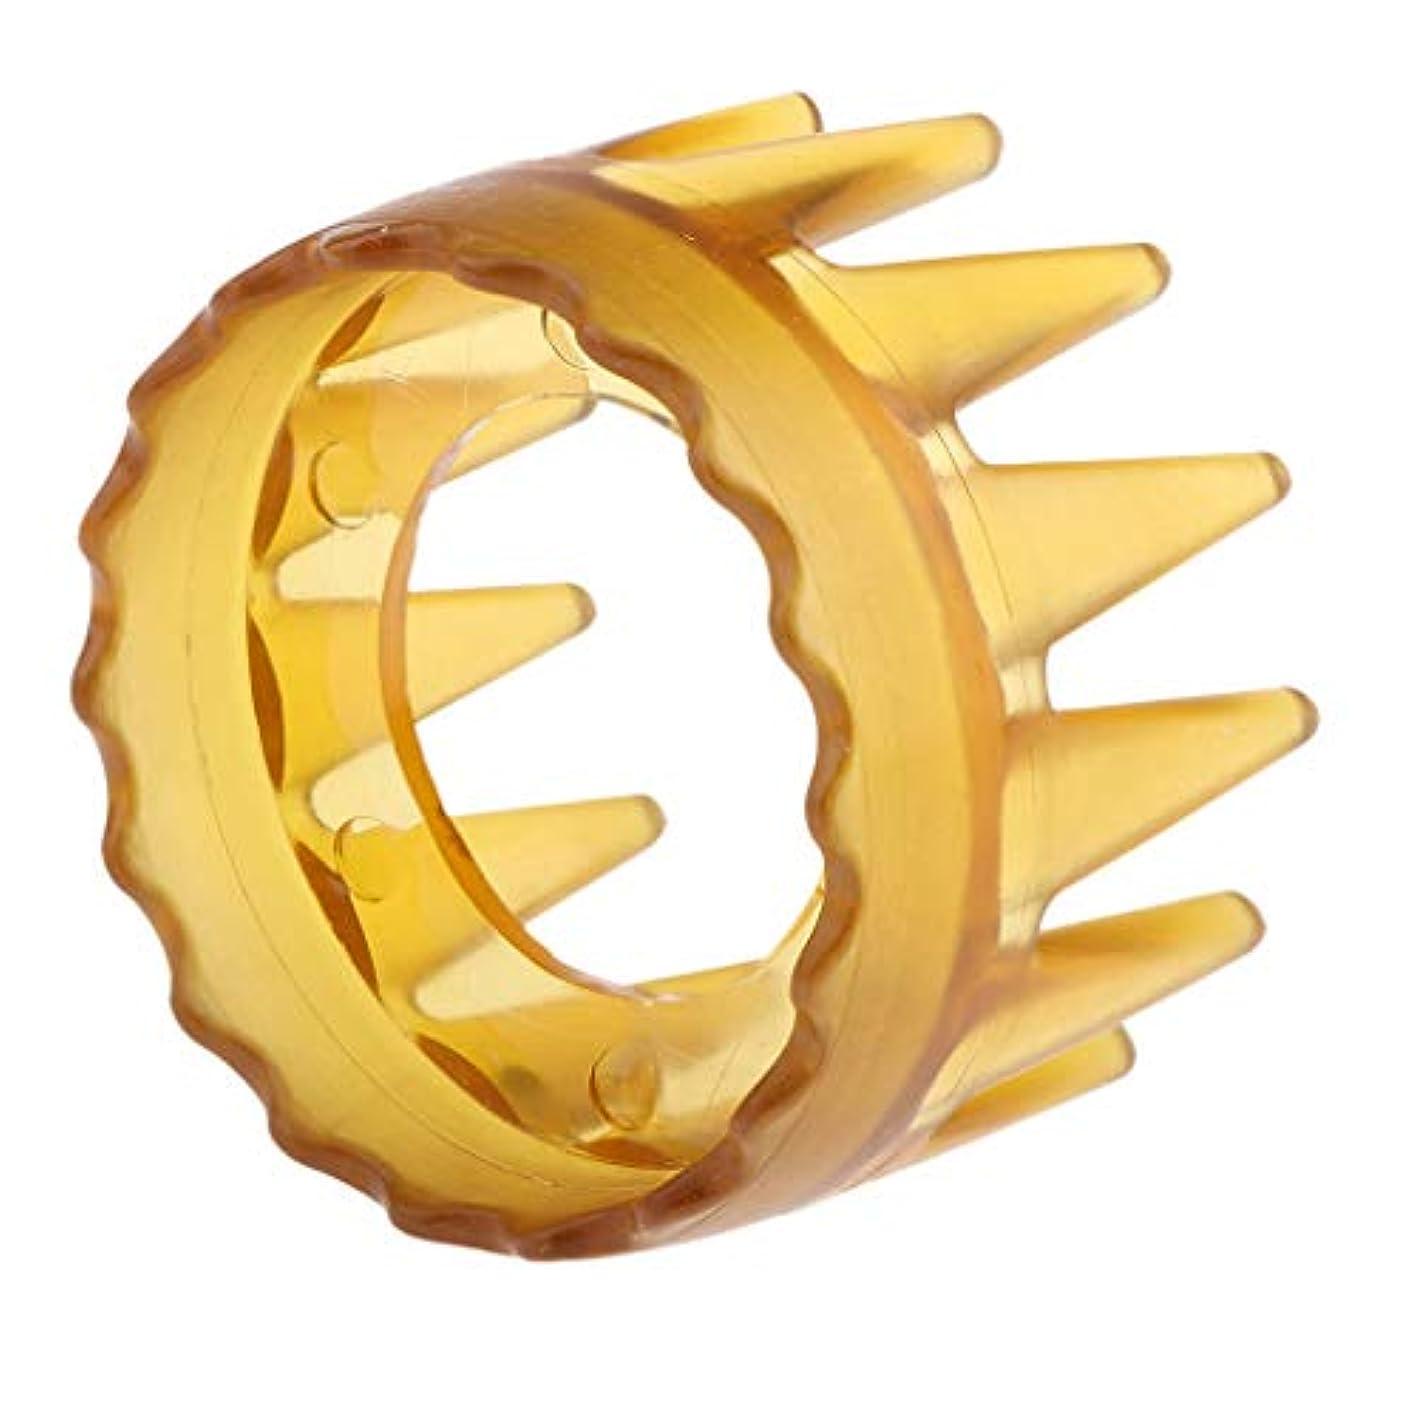 保持する抑制弾丸B Blesiya 頭皮マッサージ シャワー シャンプー ヘアブラシ マッサージャー櫛 ユニセックス 4色選べ - 黄